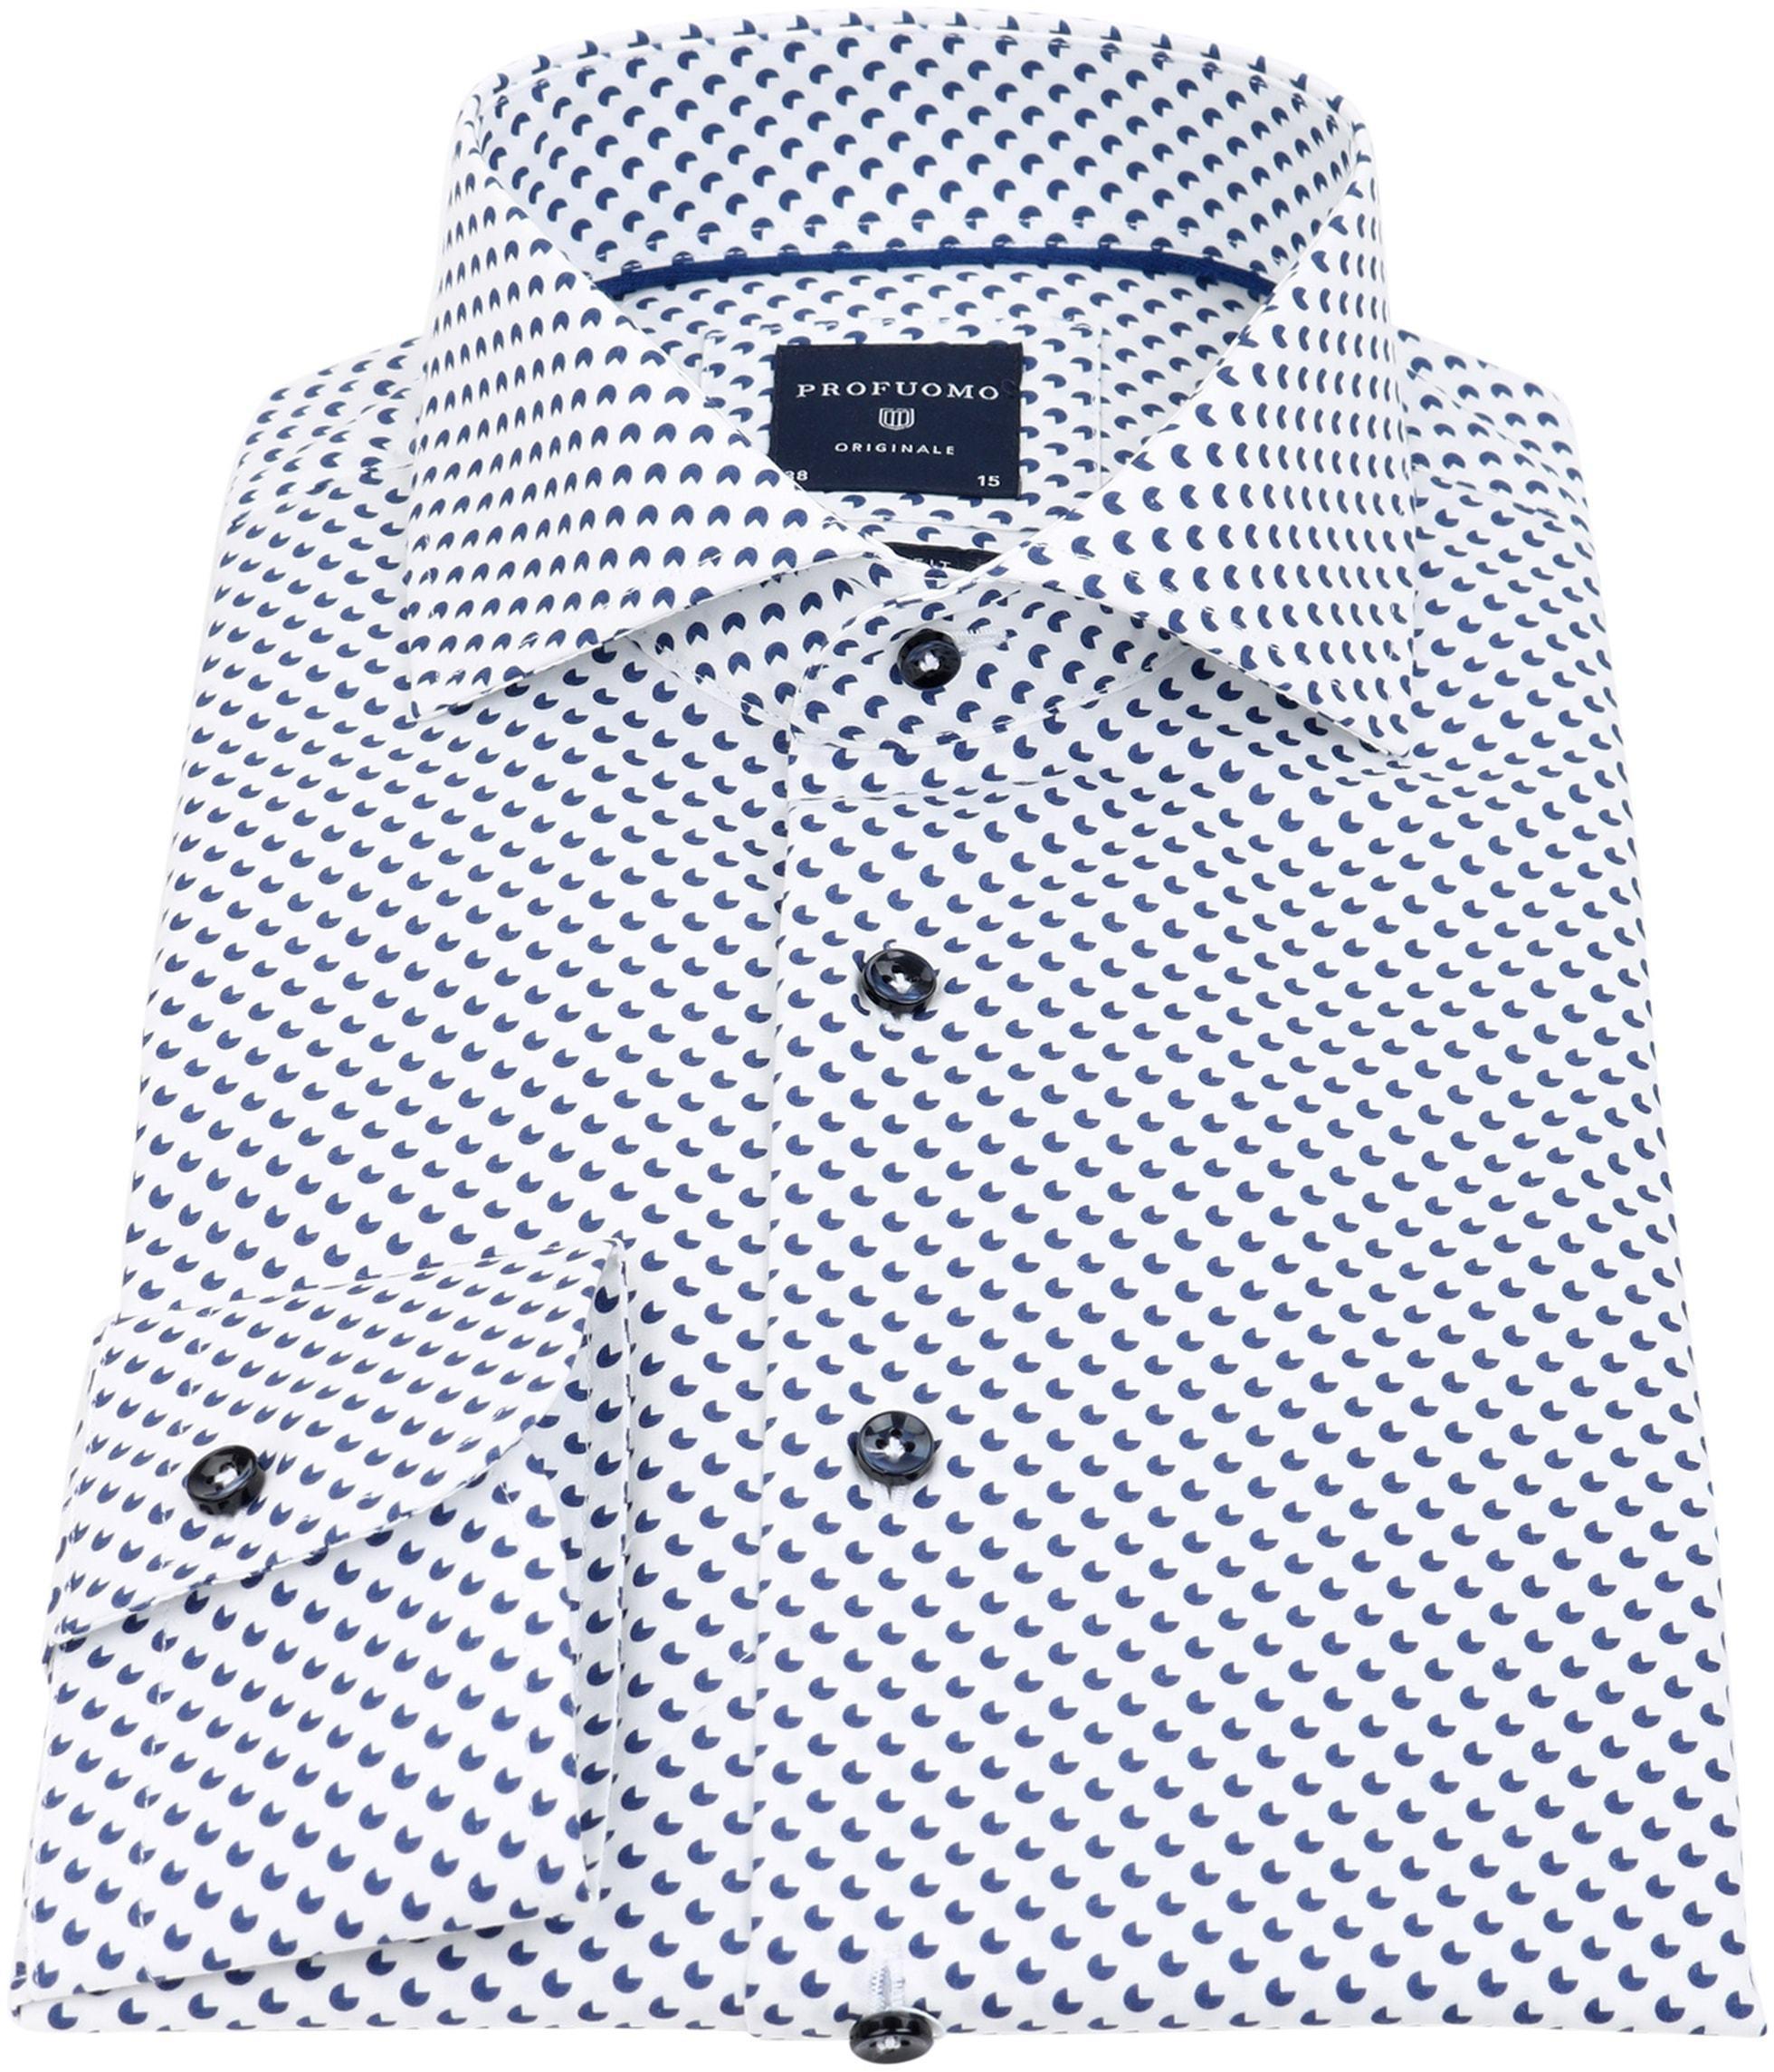 Profuomo Slim Fit Overhemd Wit met patroon foto 1